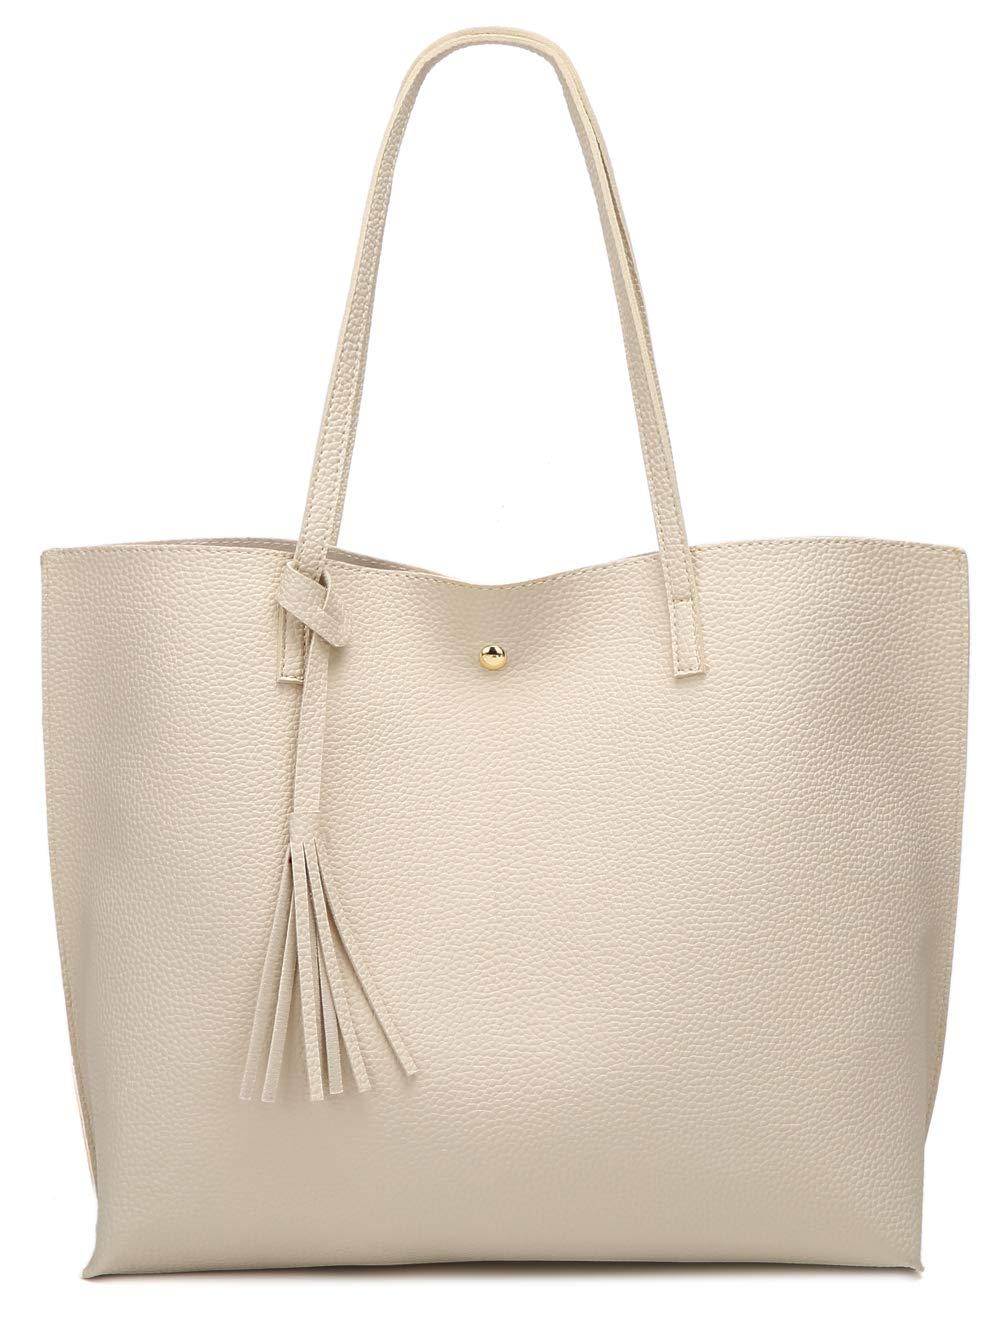 Women's Soft Leather Tote Shoulder Bag from Dreubea, Big Capacity Tassel Handbag Beige